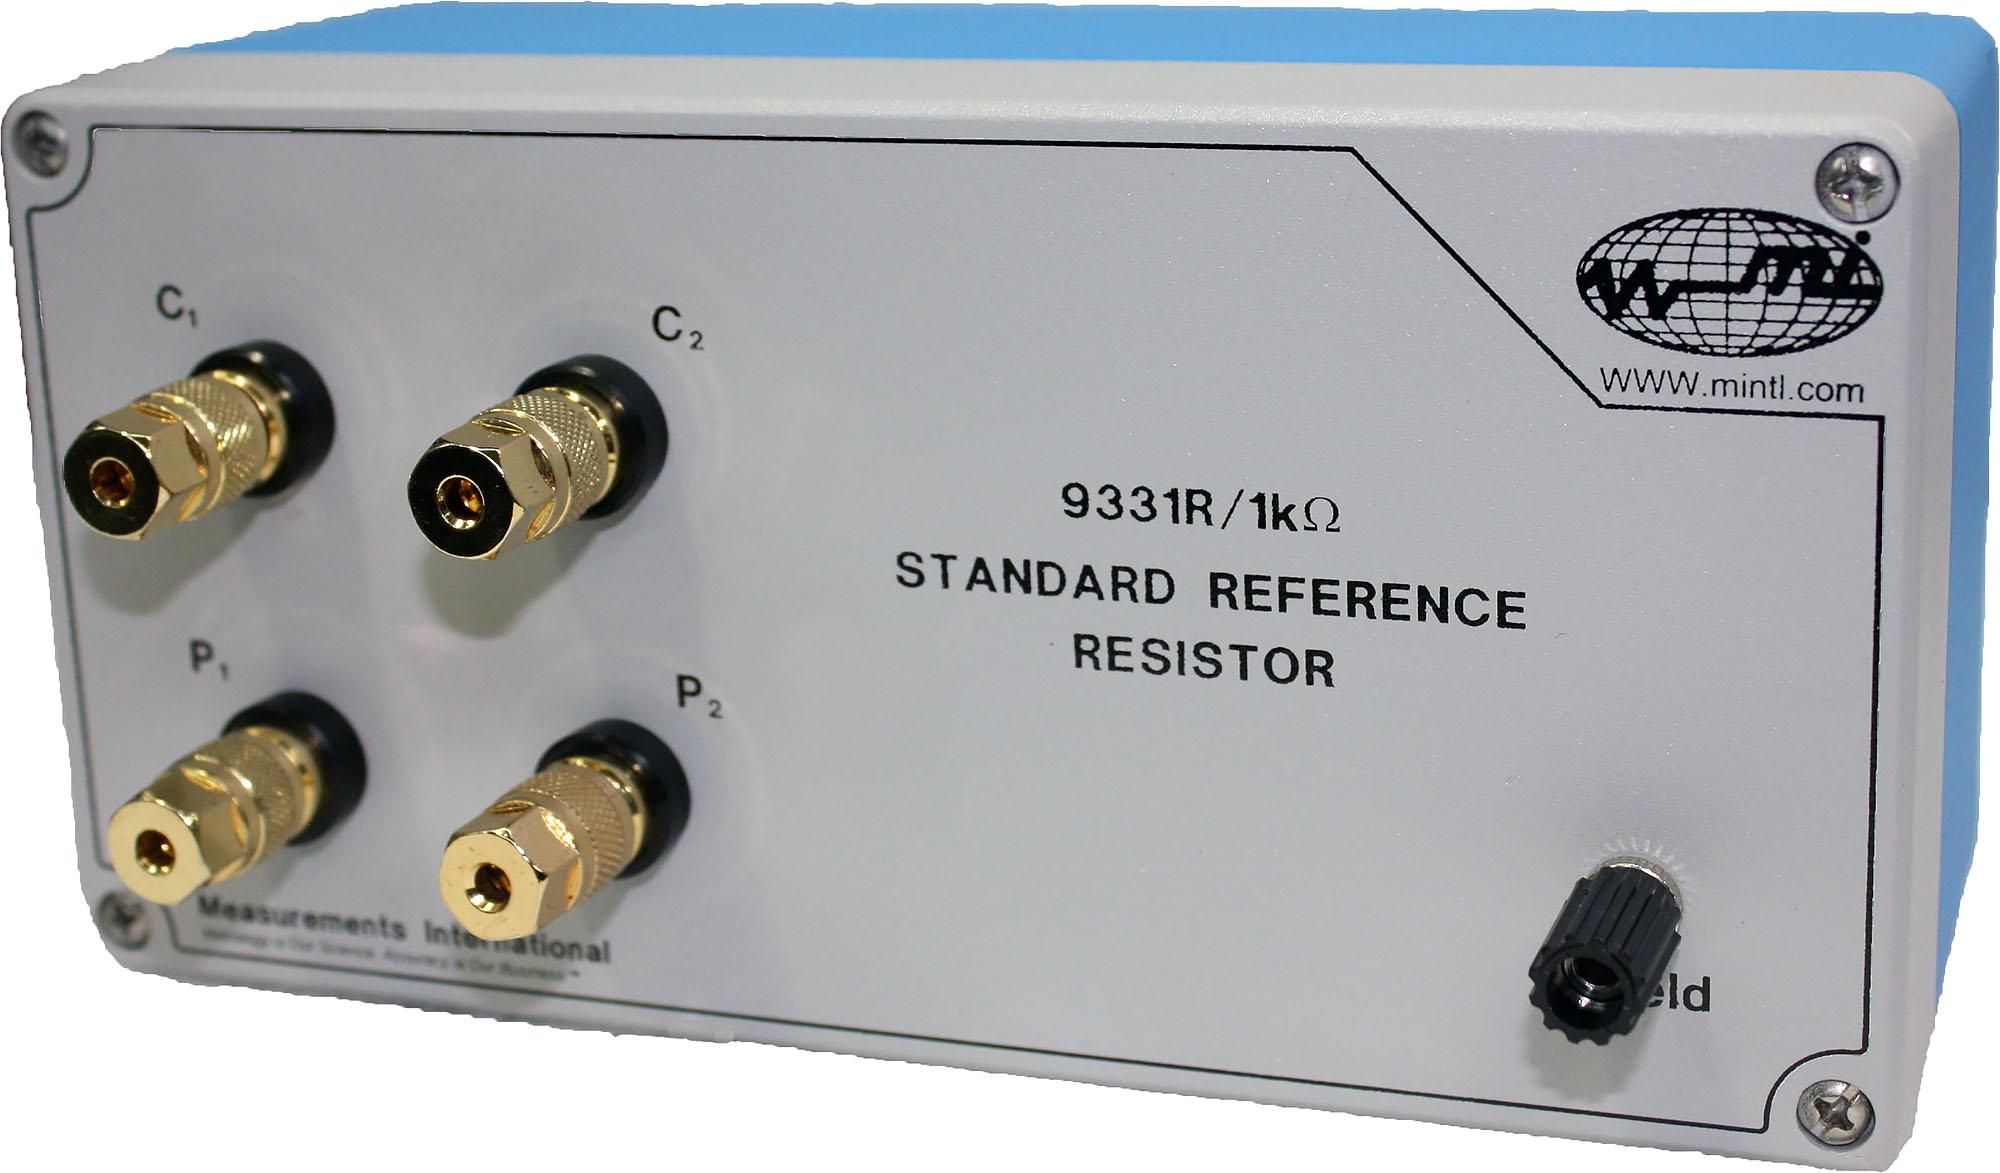 9331R/1K Standard Reference Resistor